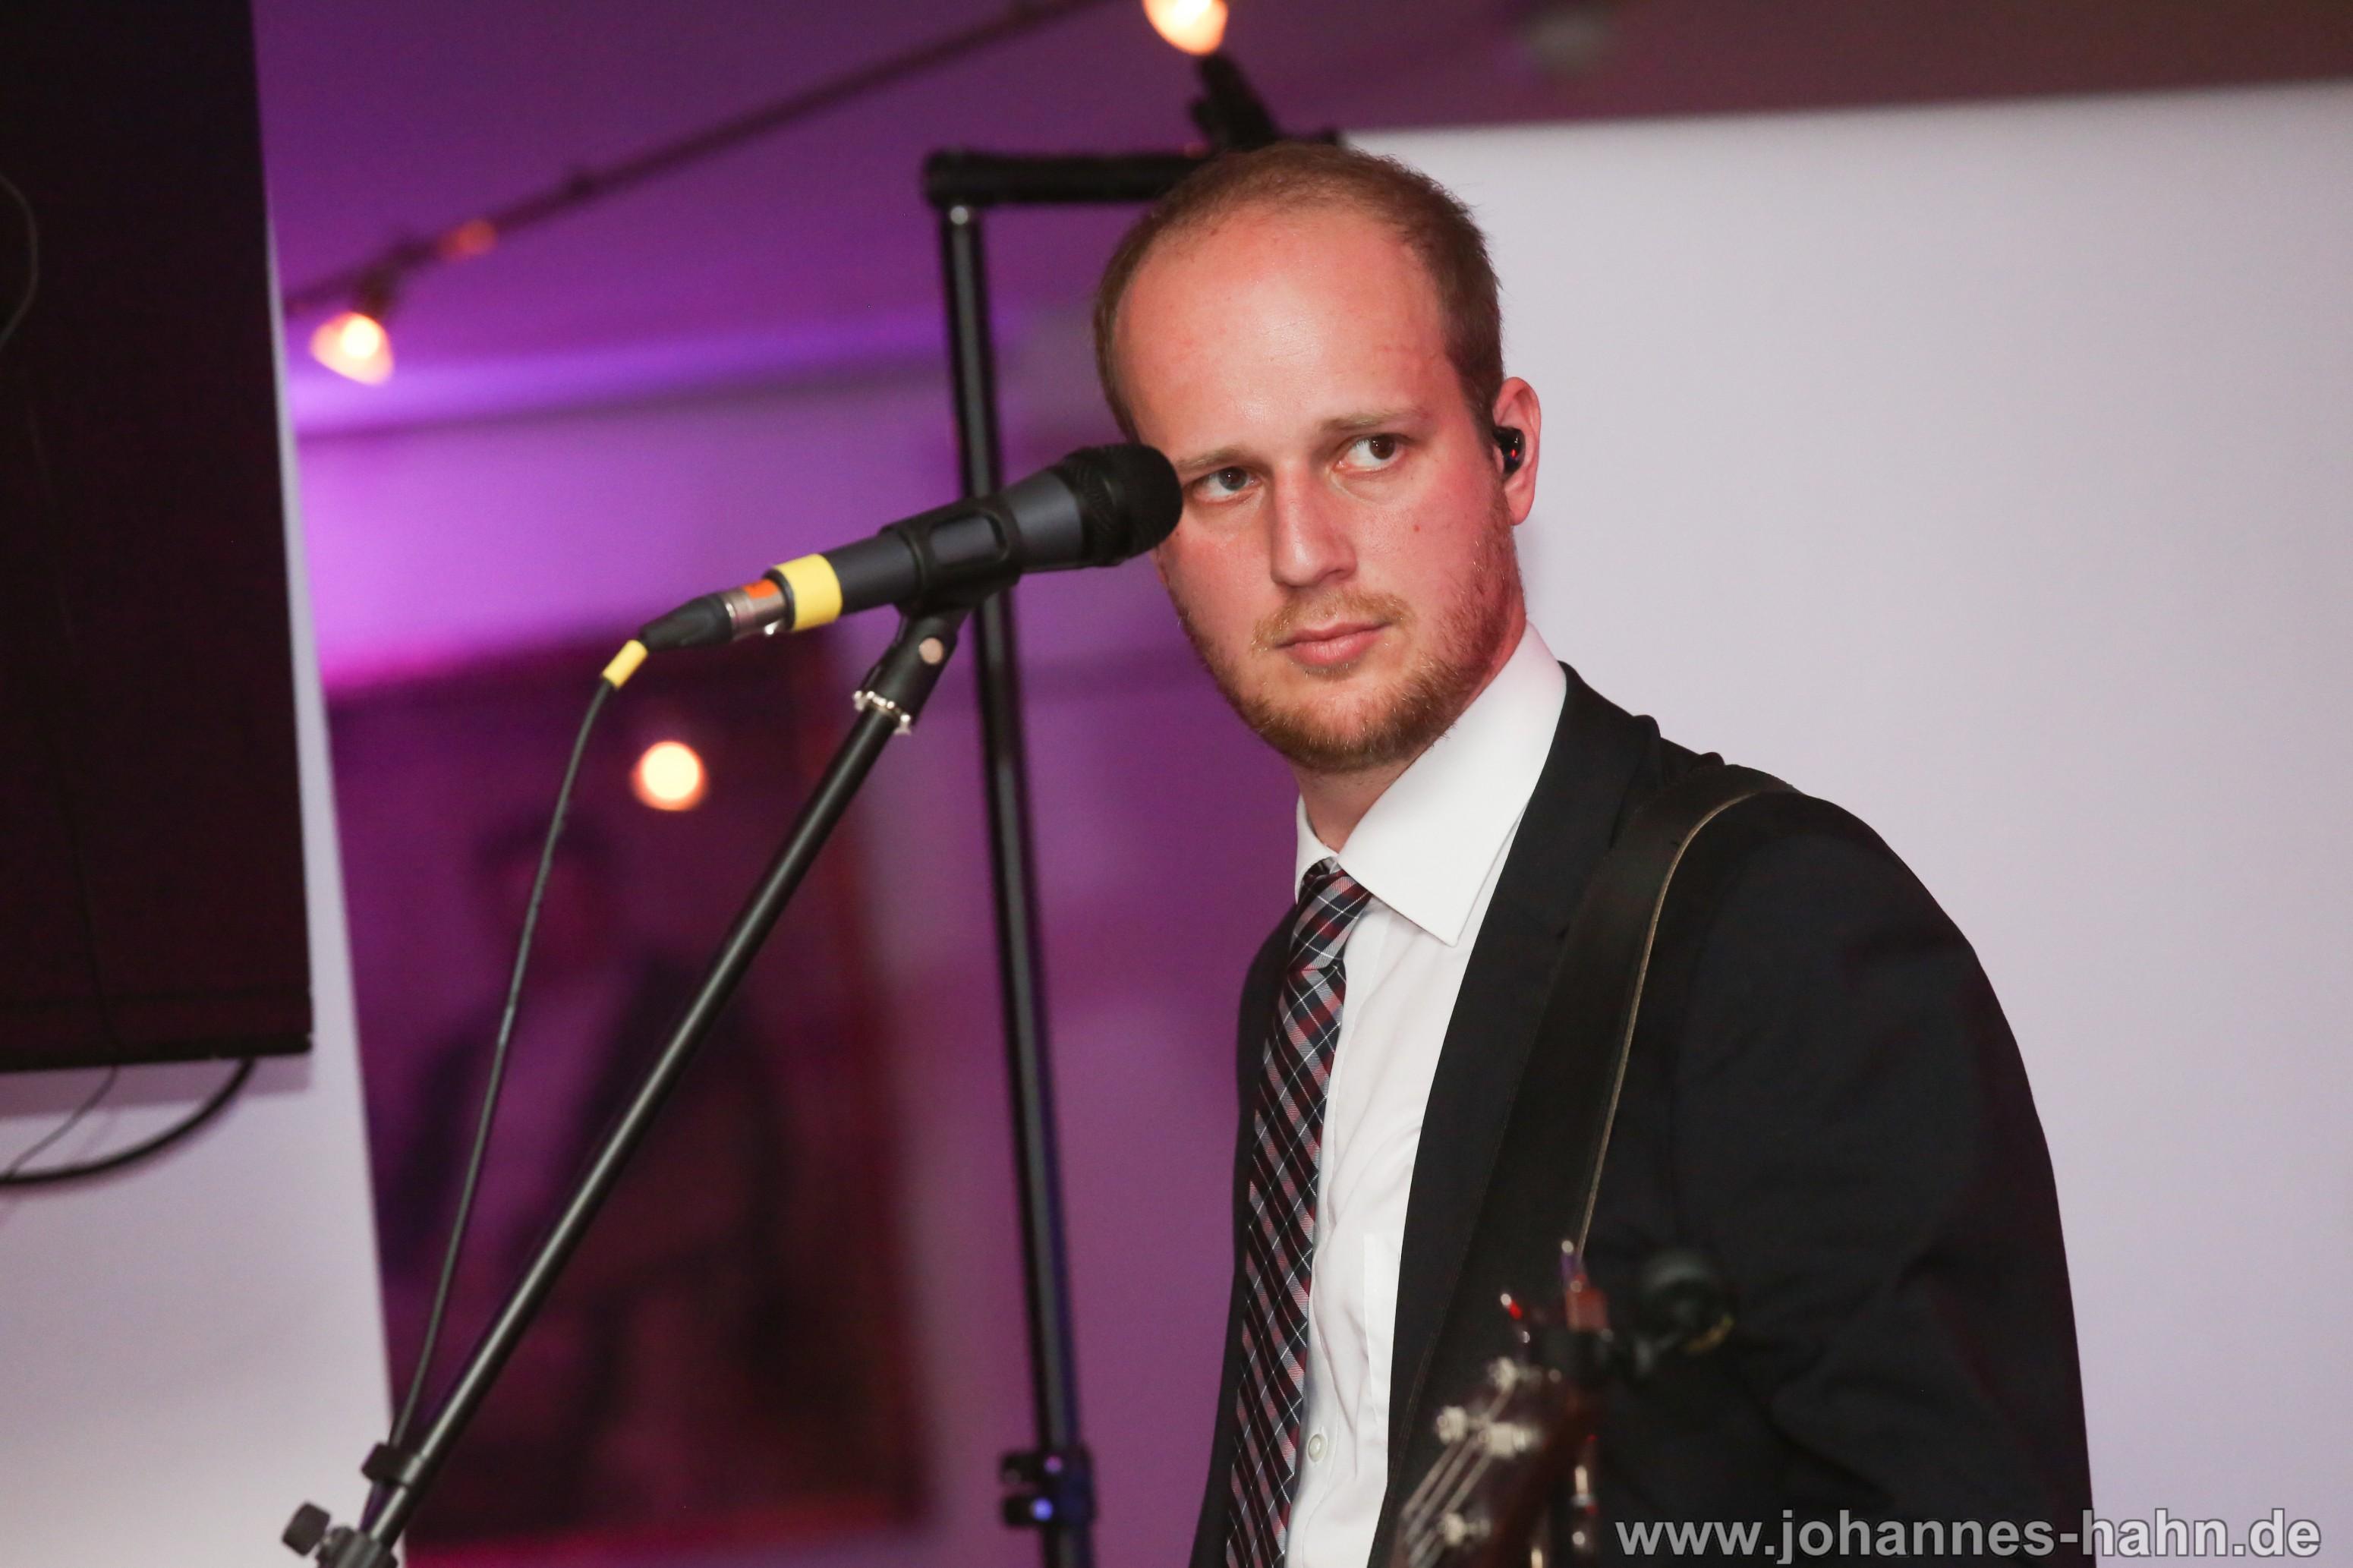 Johannes_Hahn_BG1A8293